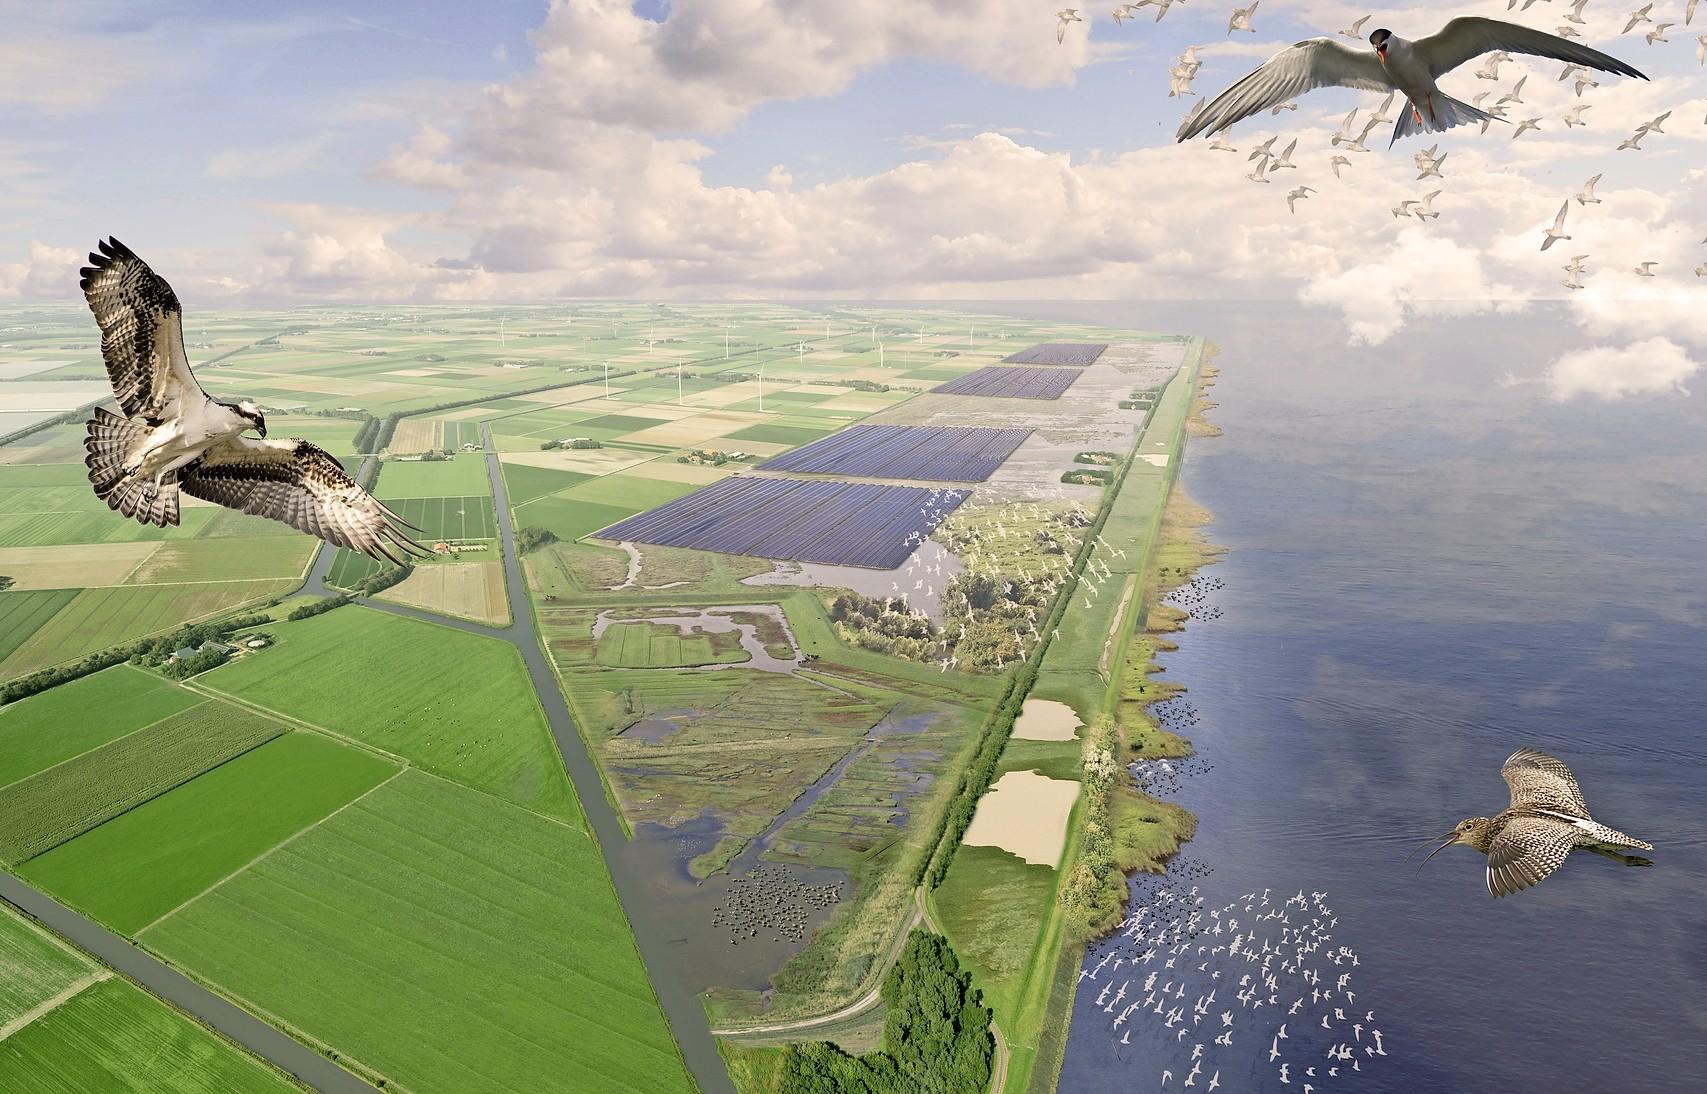 Streep door nieuwe windturbines Medemblik en opwekken wind- en zonne-energie bij Enkhuizen, niet door plannen bij Andijk